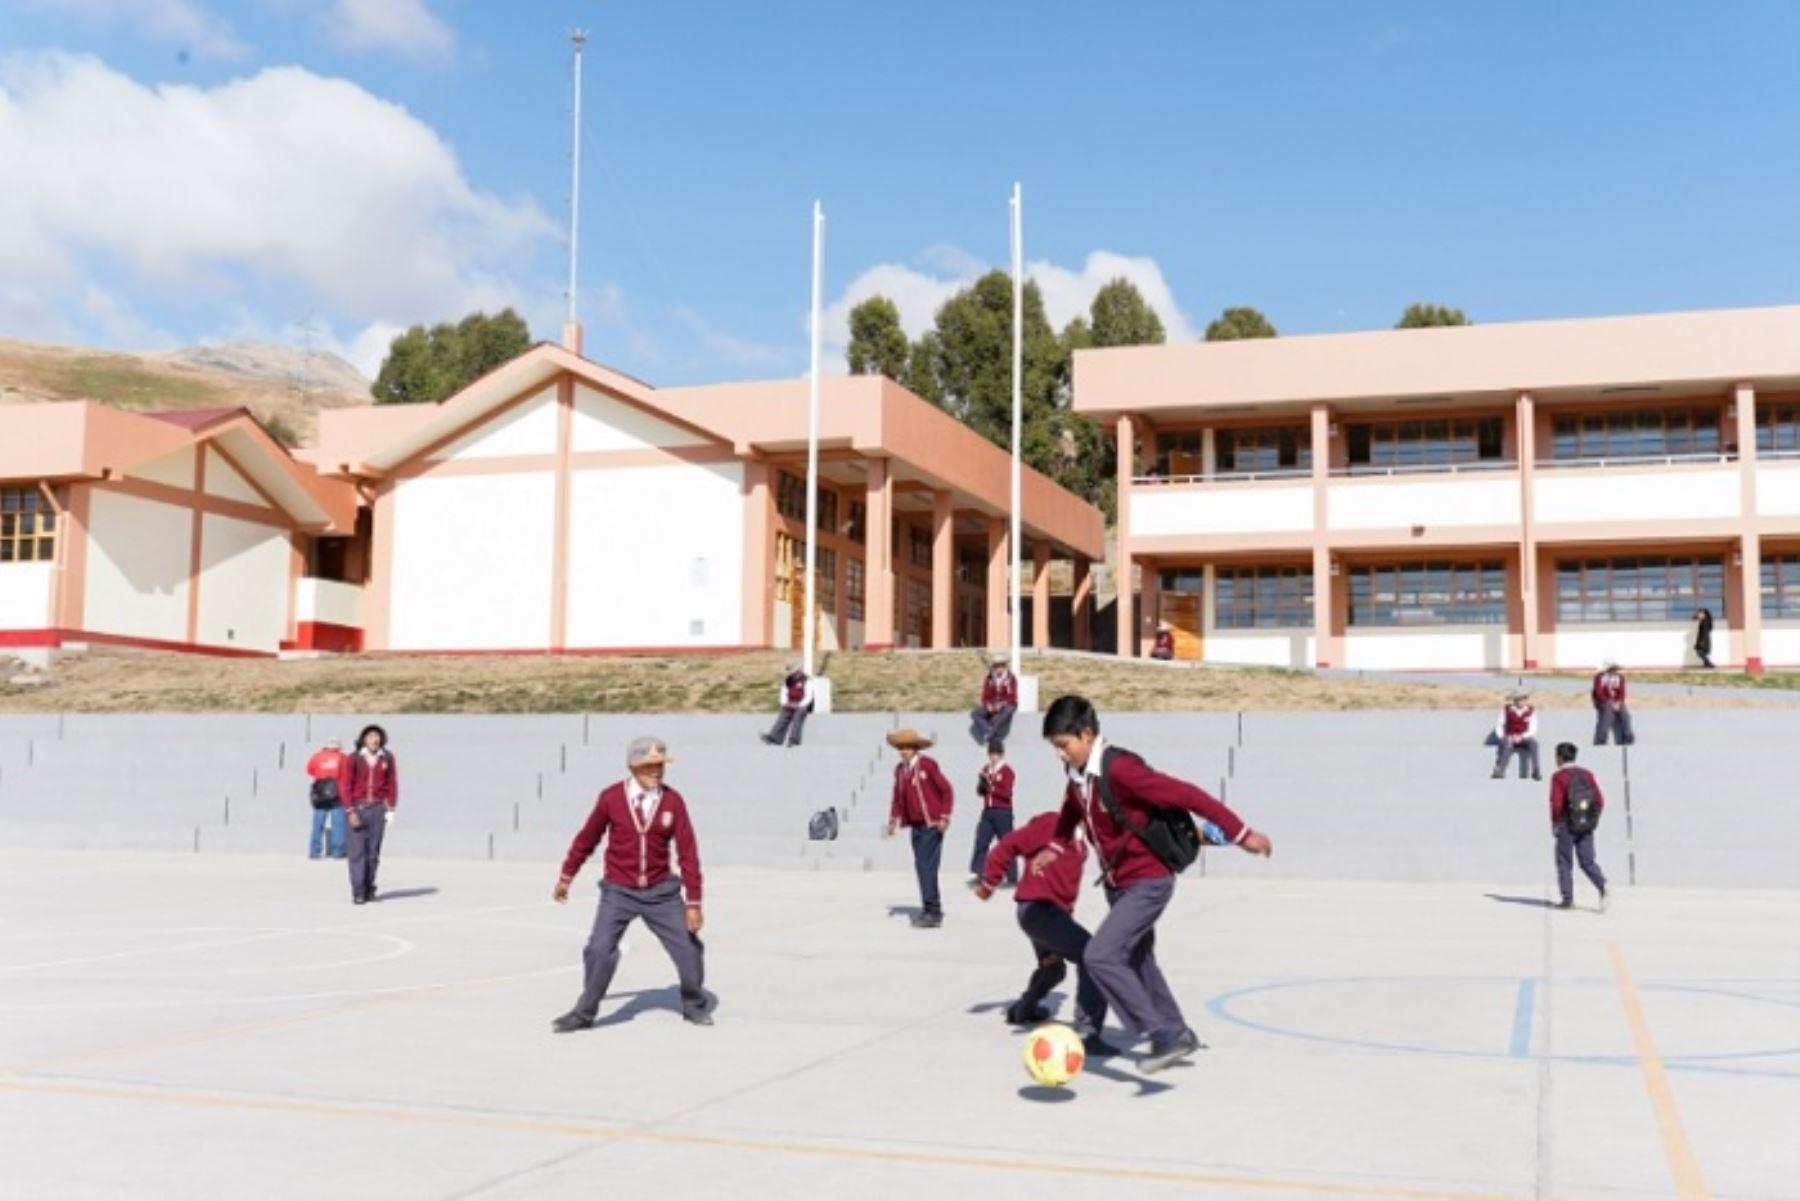 En los colegios Mariano Melgar y Nuestra Señora de Alta Gracia se han considerado mejoras respecto a los expedientes primigenios que harán posible garantizar la entrega de infraestructuras de calidad que beneficiarán a los actuales estudiantes y a las futuras generaciones del distrito de Ayaviri.